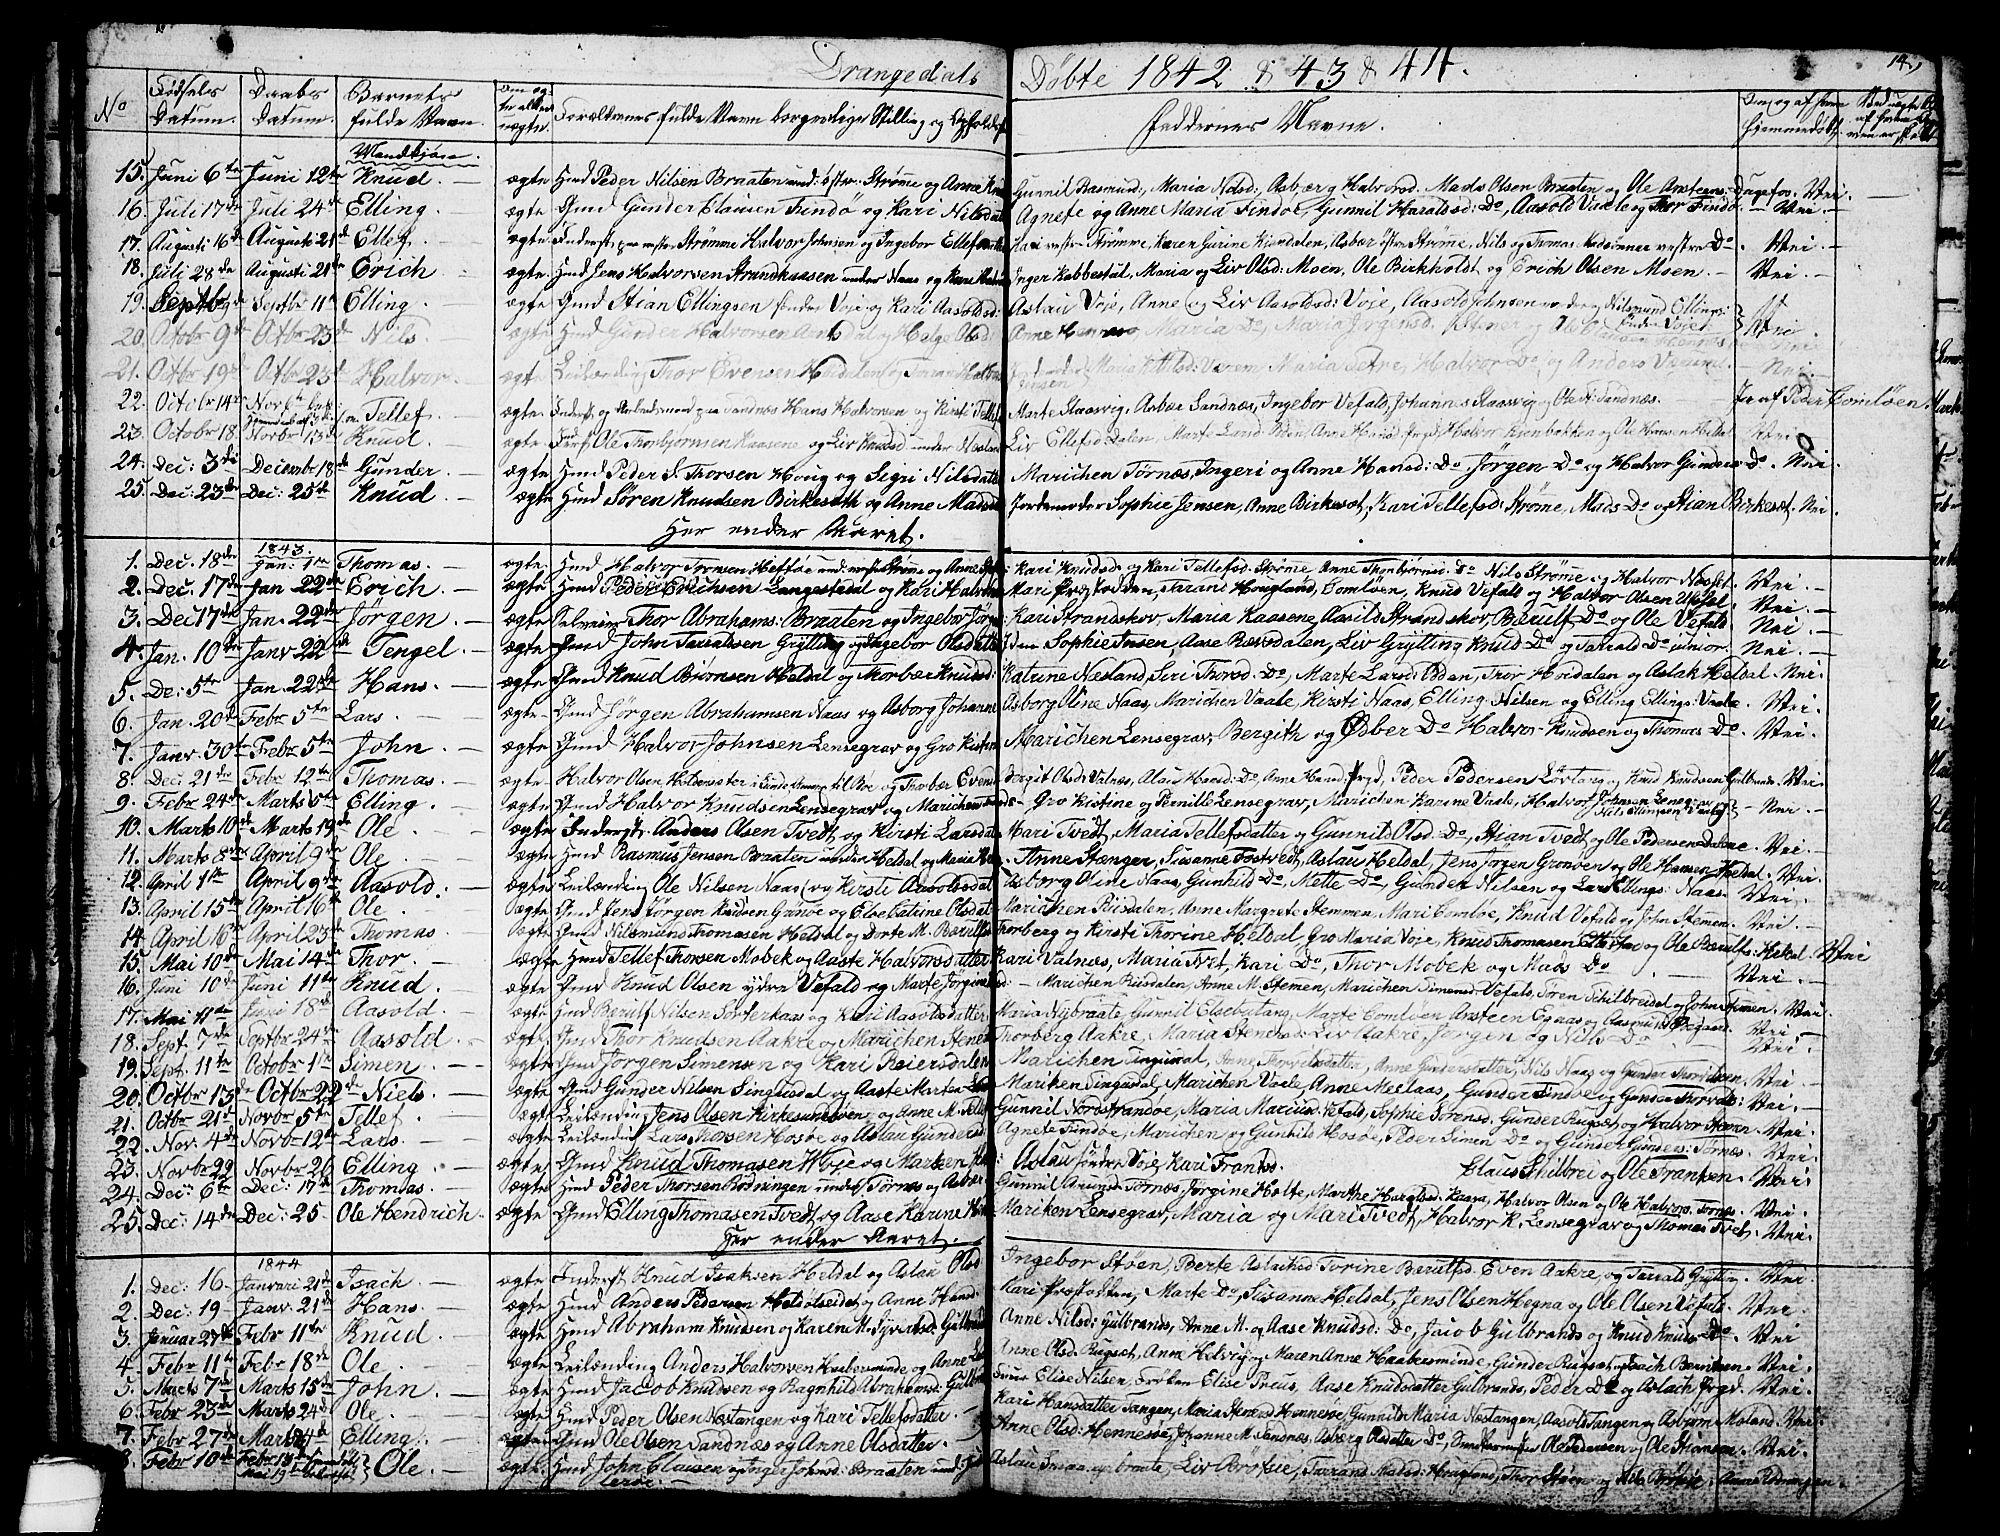 SAKO, Drangedal kirkebøker, G/Ga/L0001: Klokkerbok nr. I 1 /1, 1814-1856, s. 14